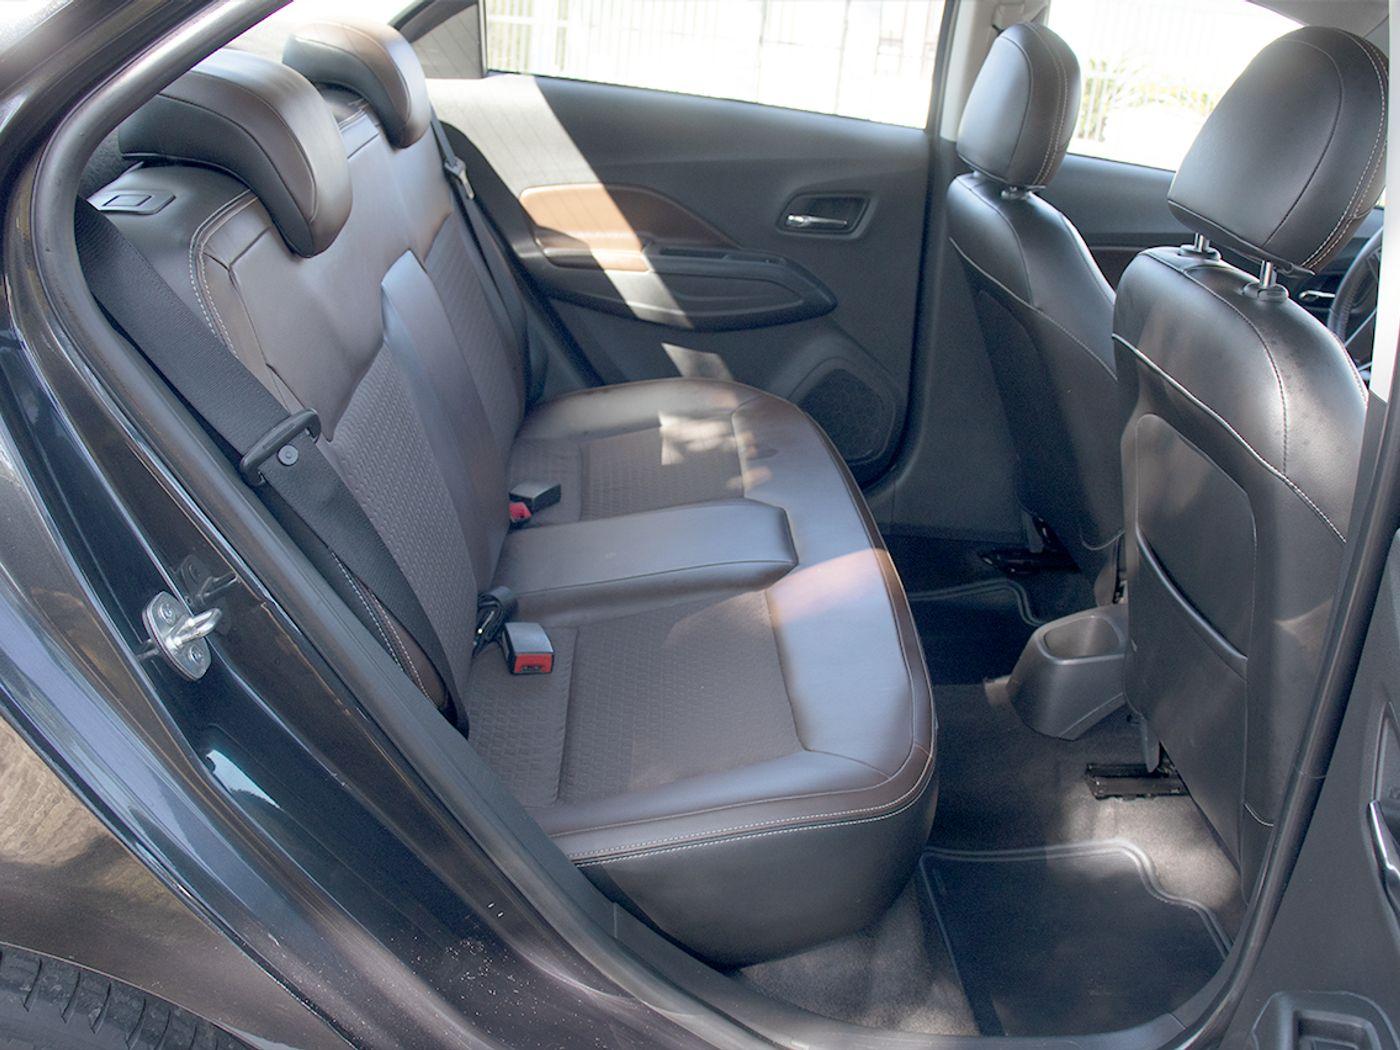 Chevrolet COBALT LTZ 1.8 8V Econo.Flex 4p Mec.